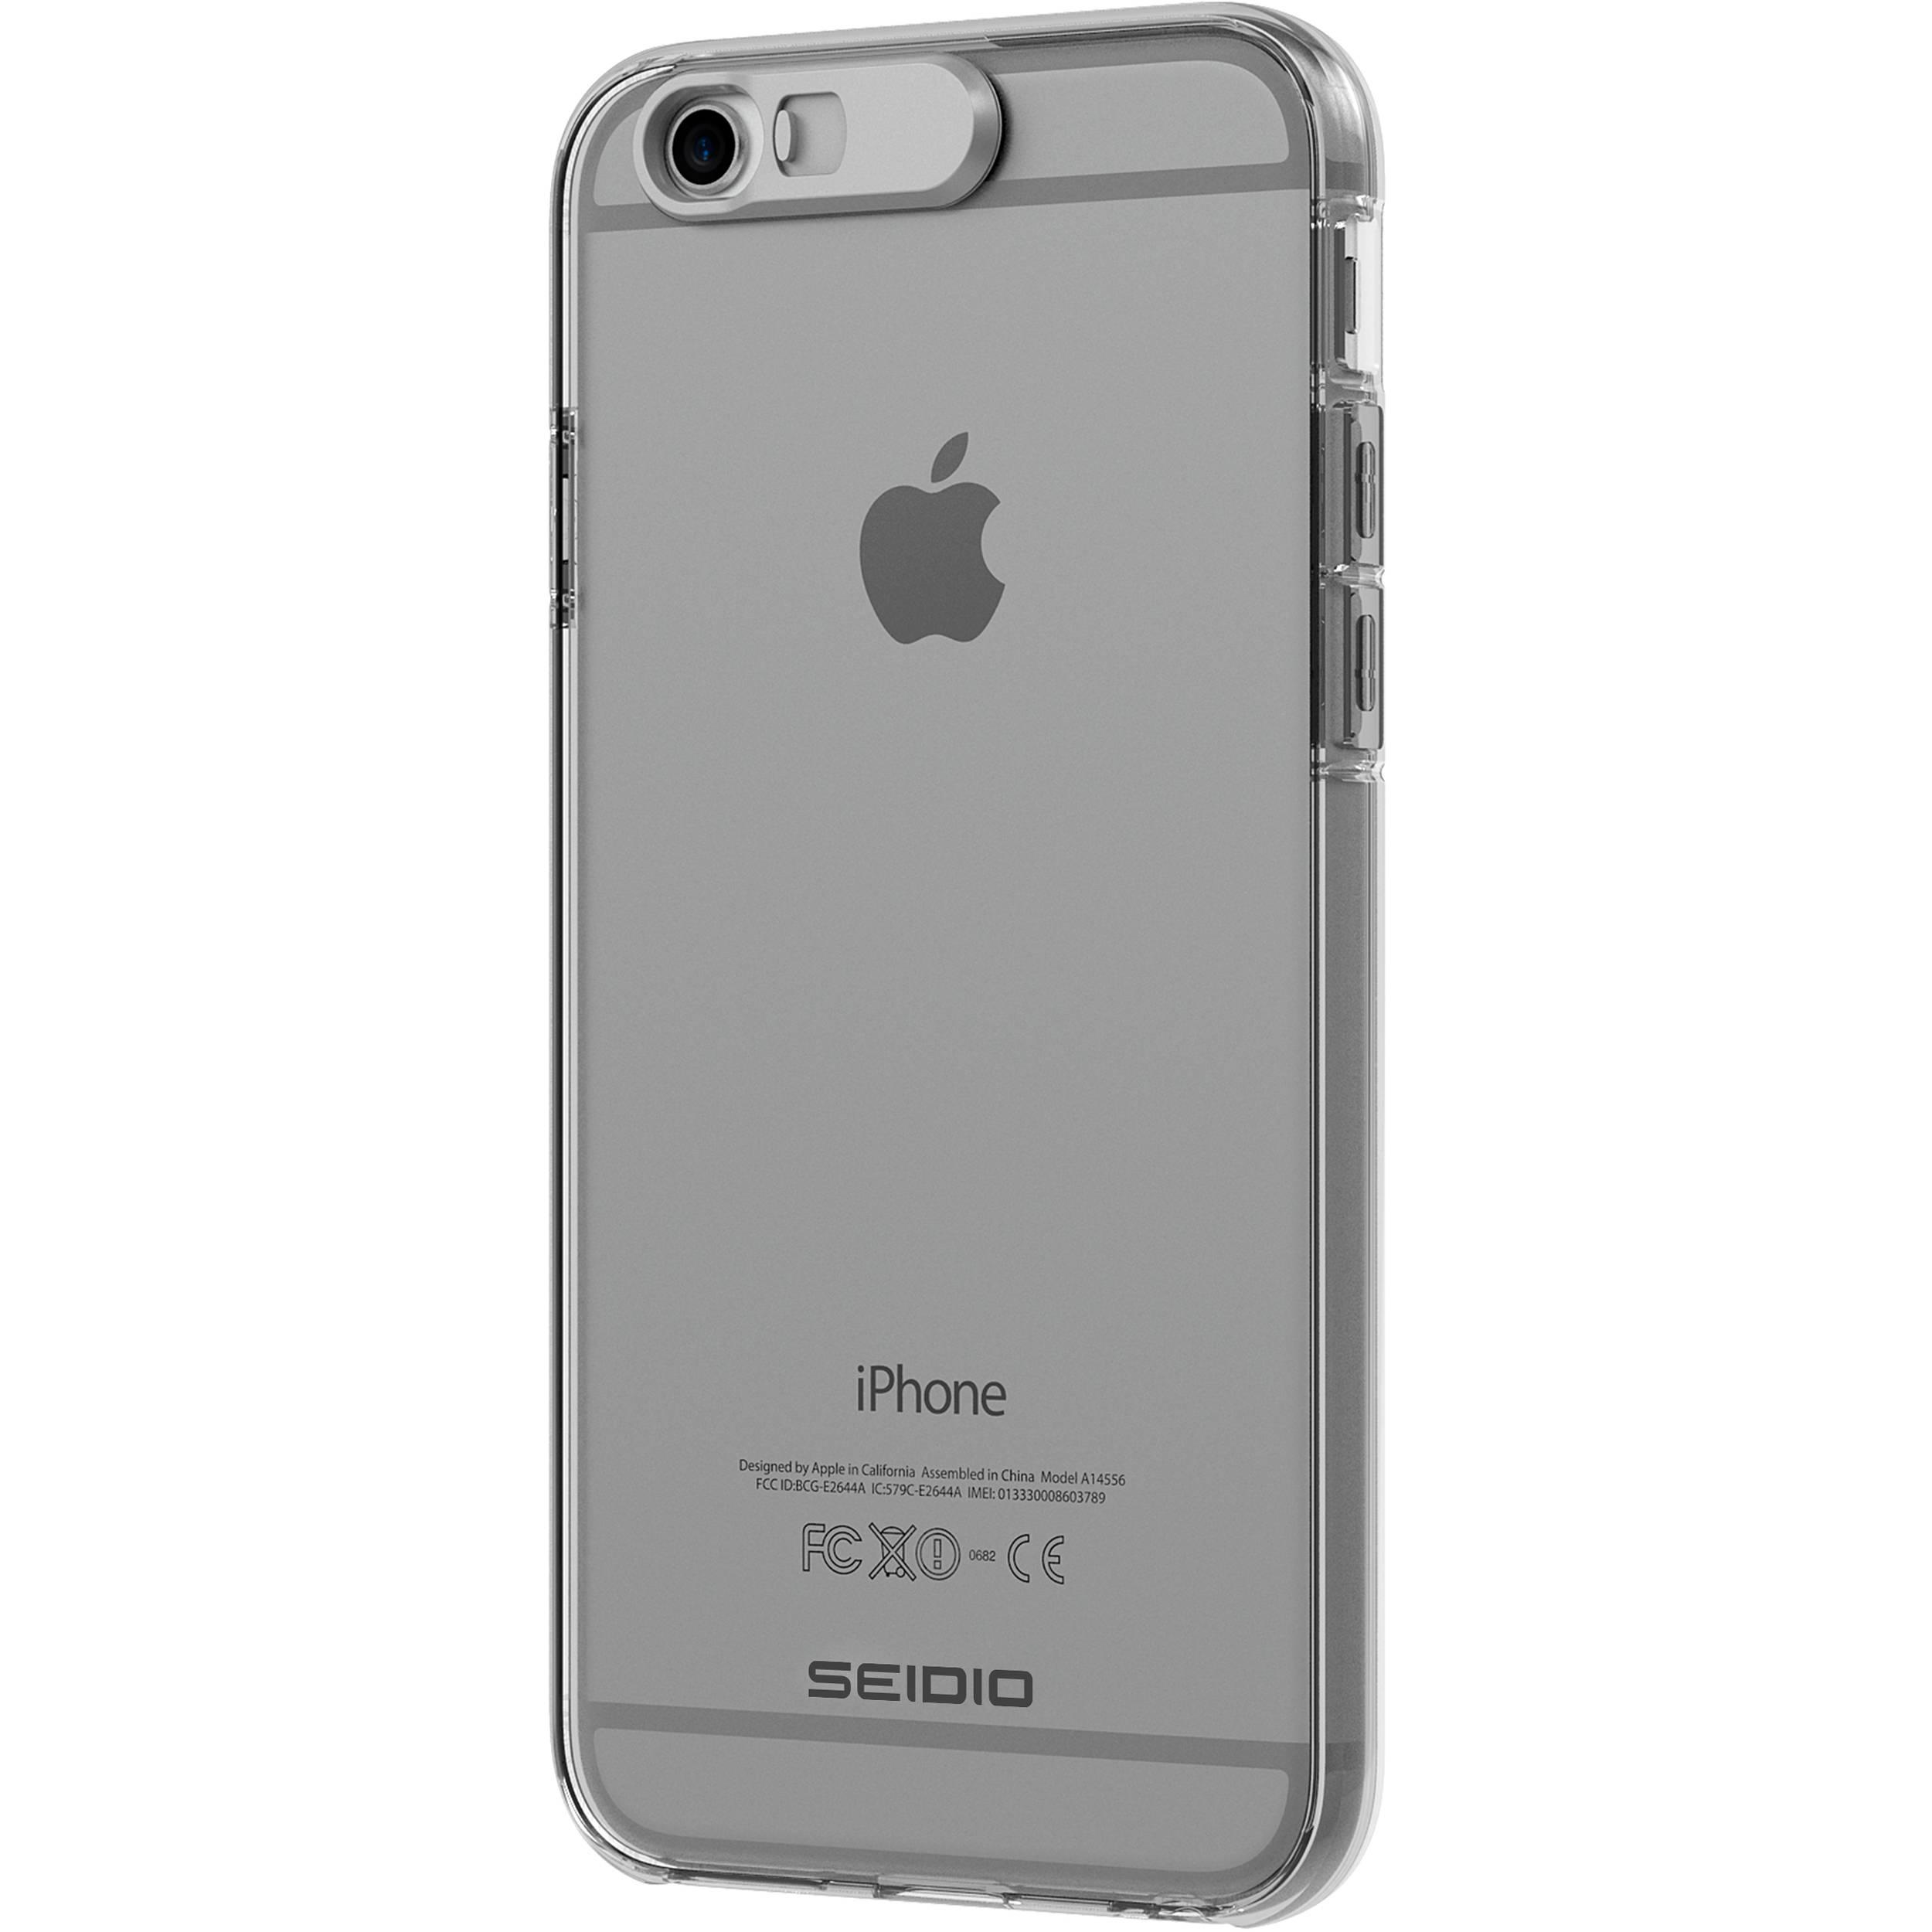 Flash Imei Iphone